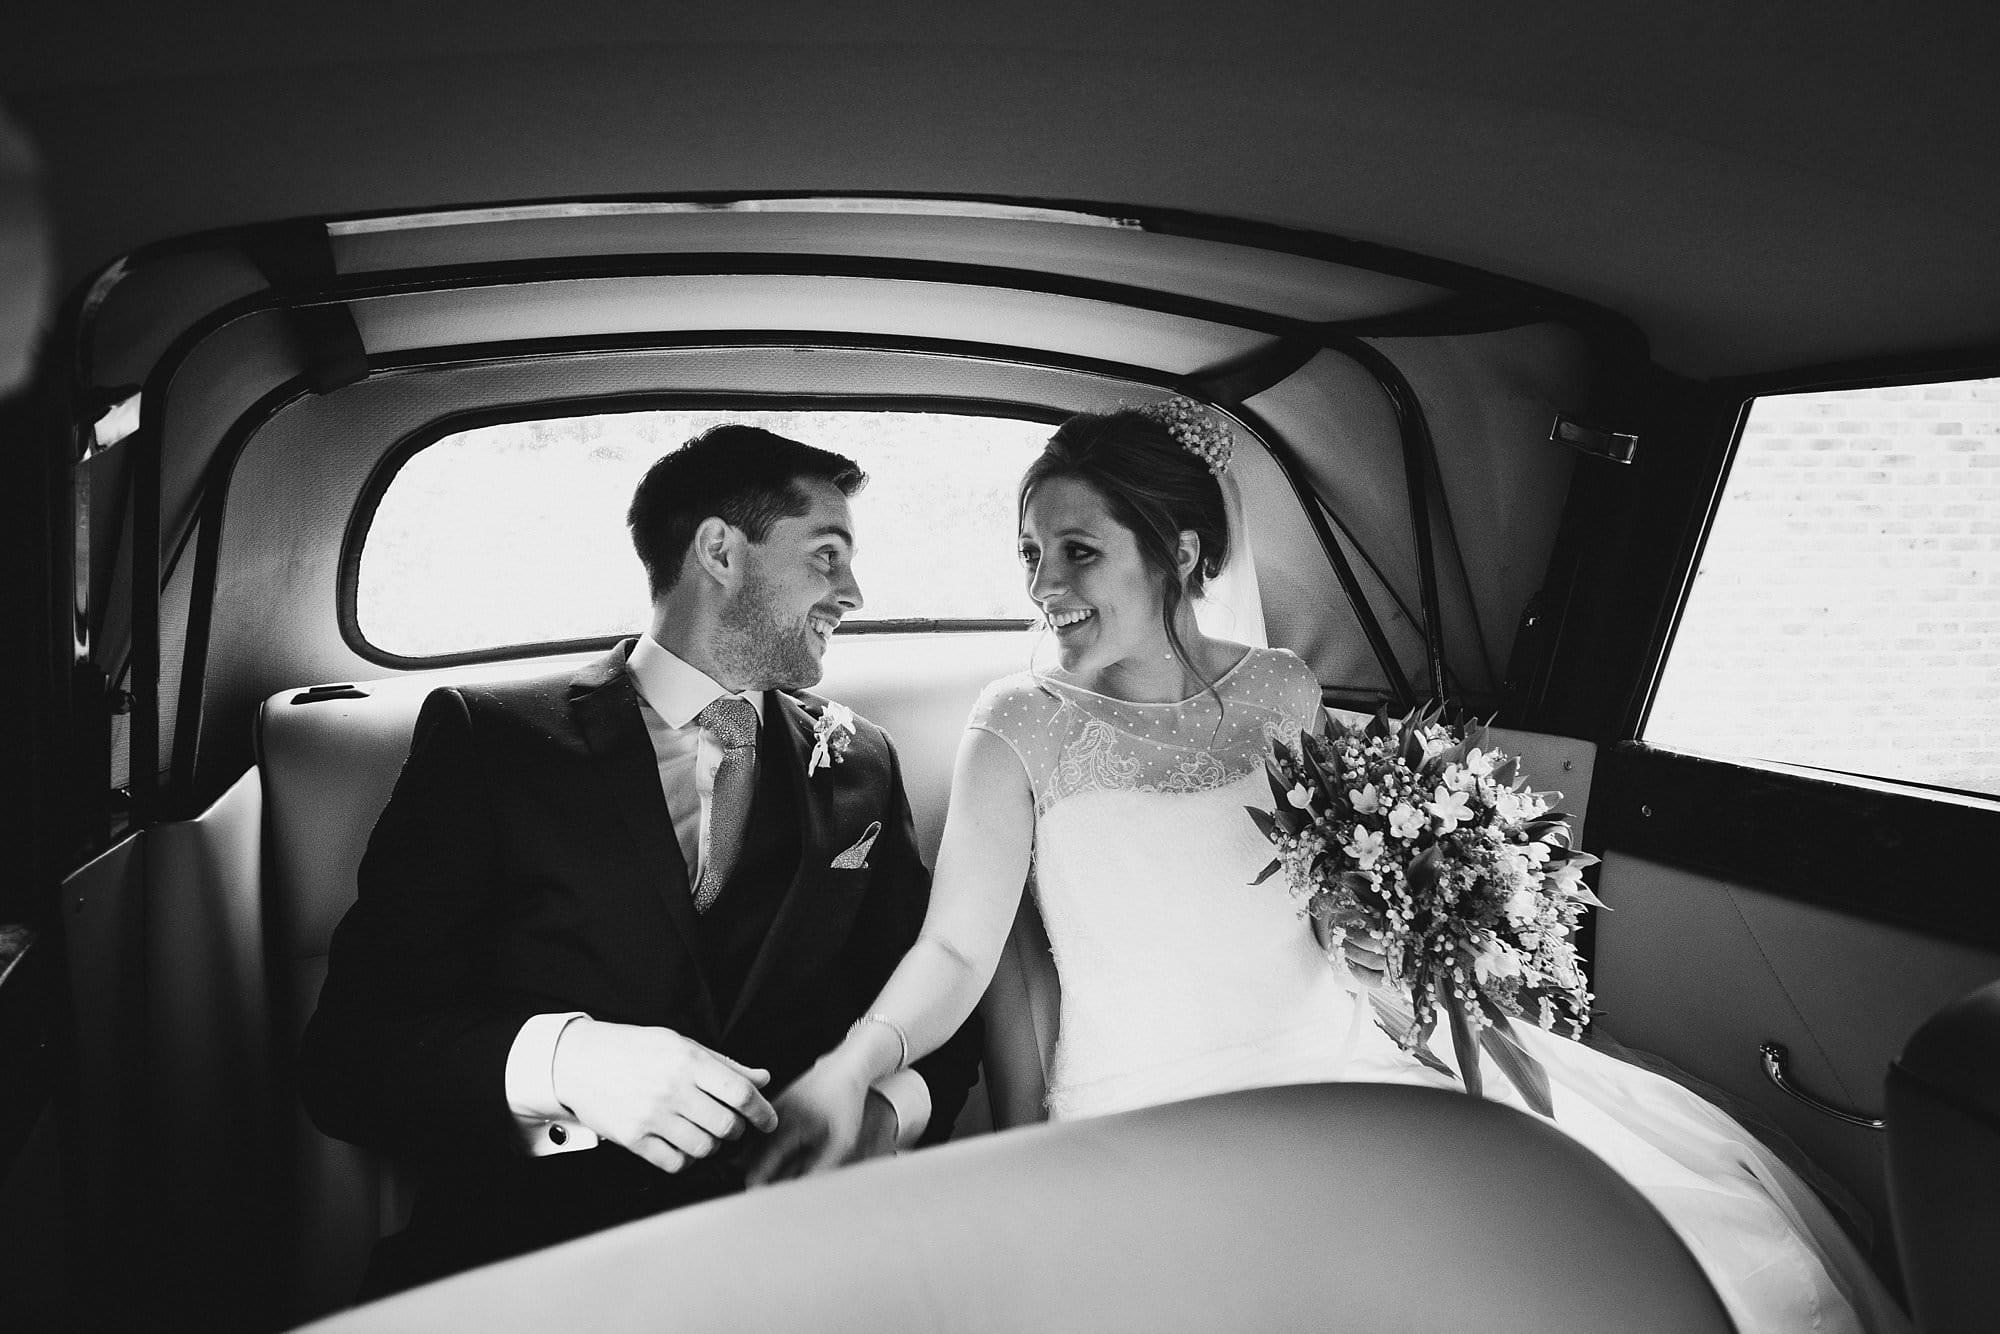 ashtead london wedding photographer 051 - Rachel & Jonny's Ashtead Wedding